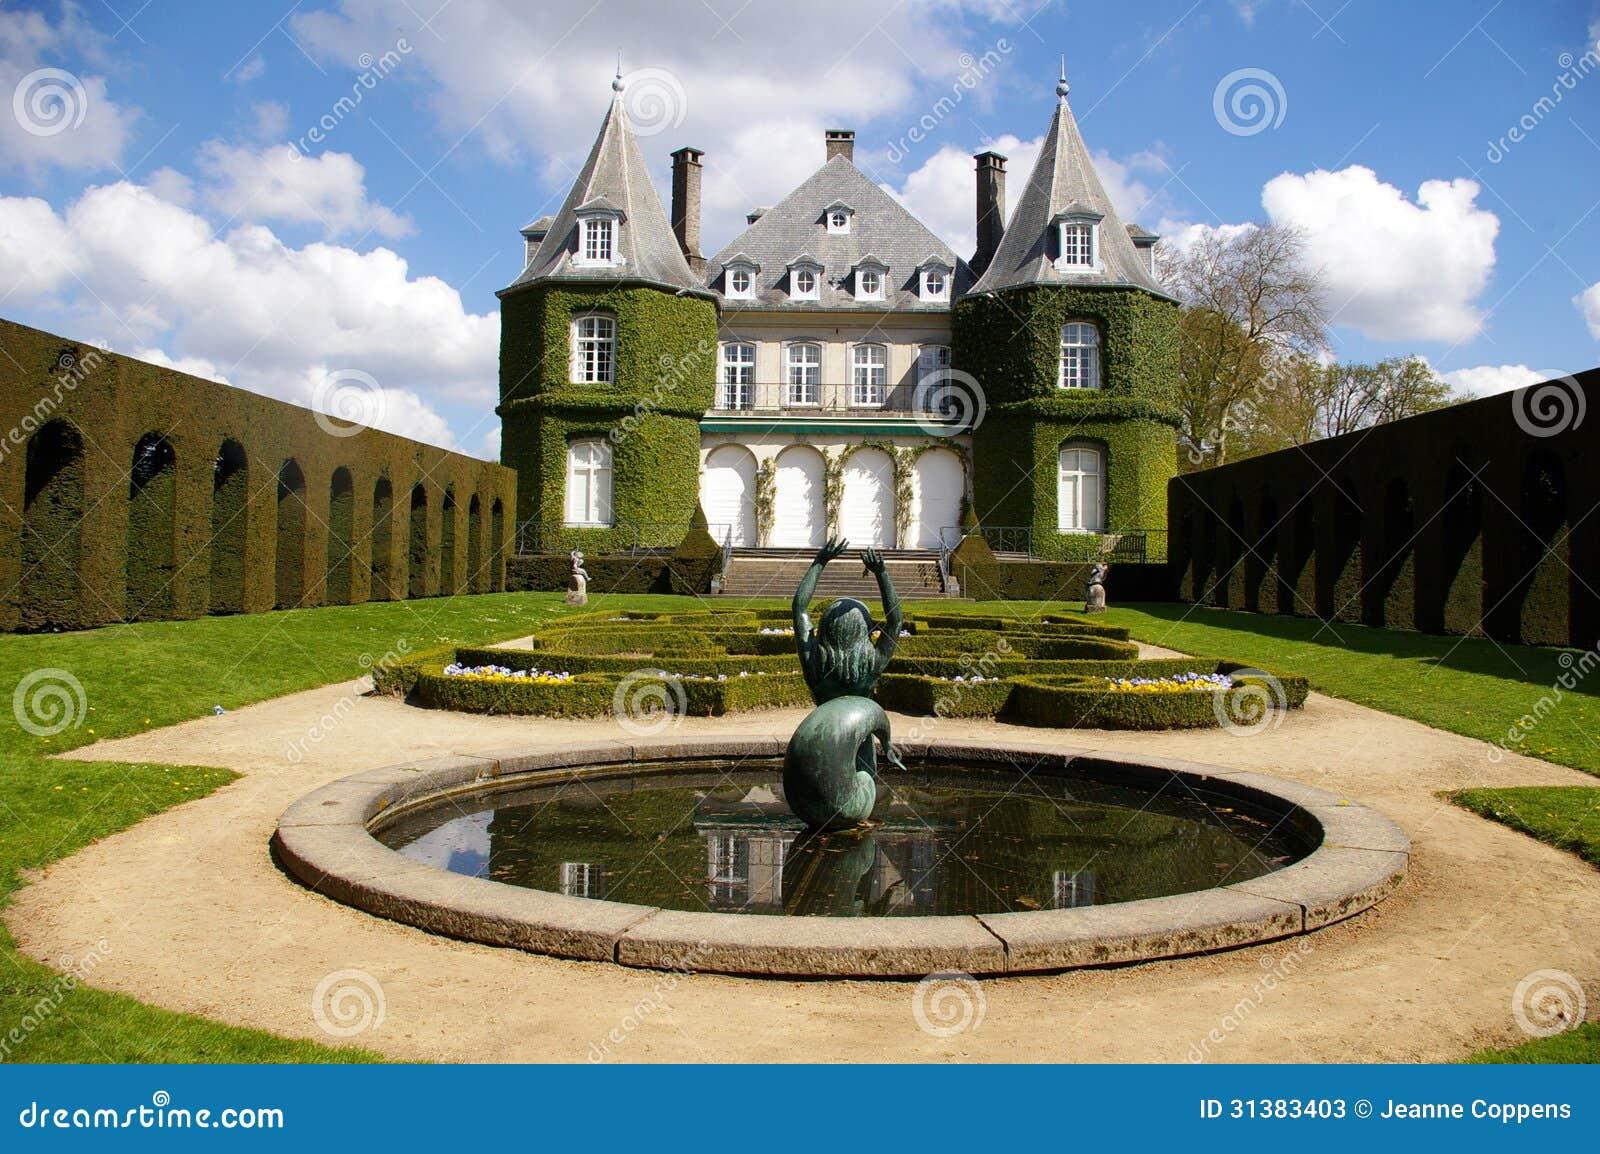 Chateau de La Hulpe,renaissance castle.